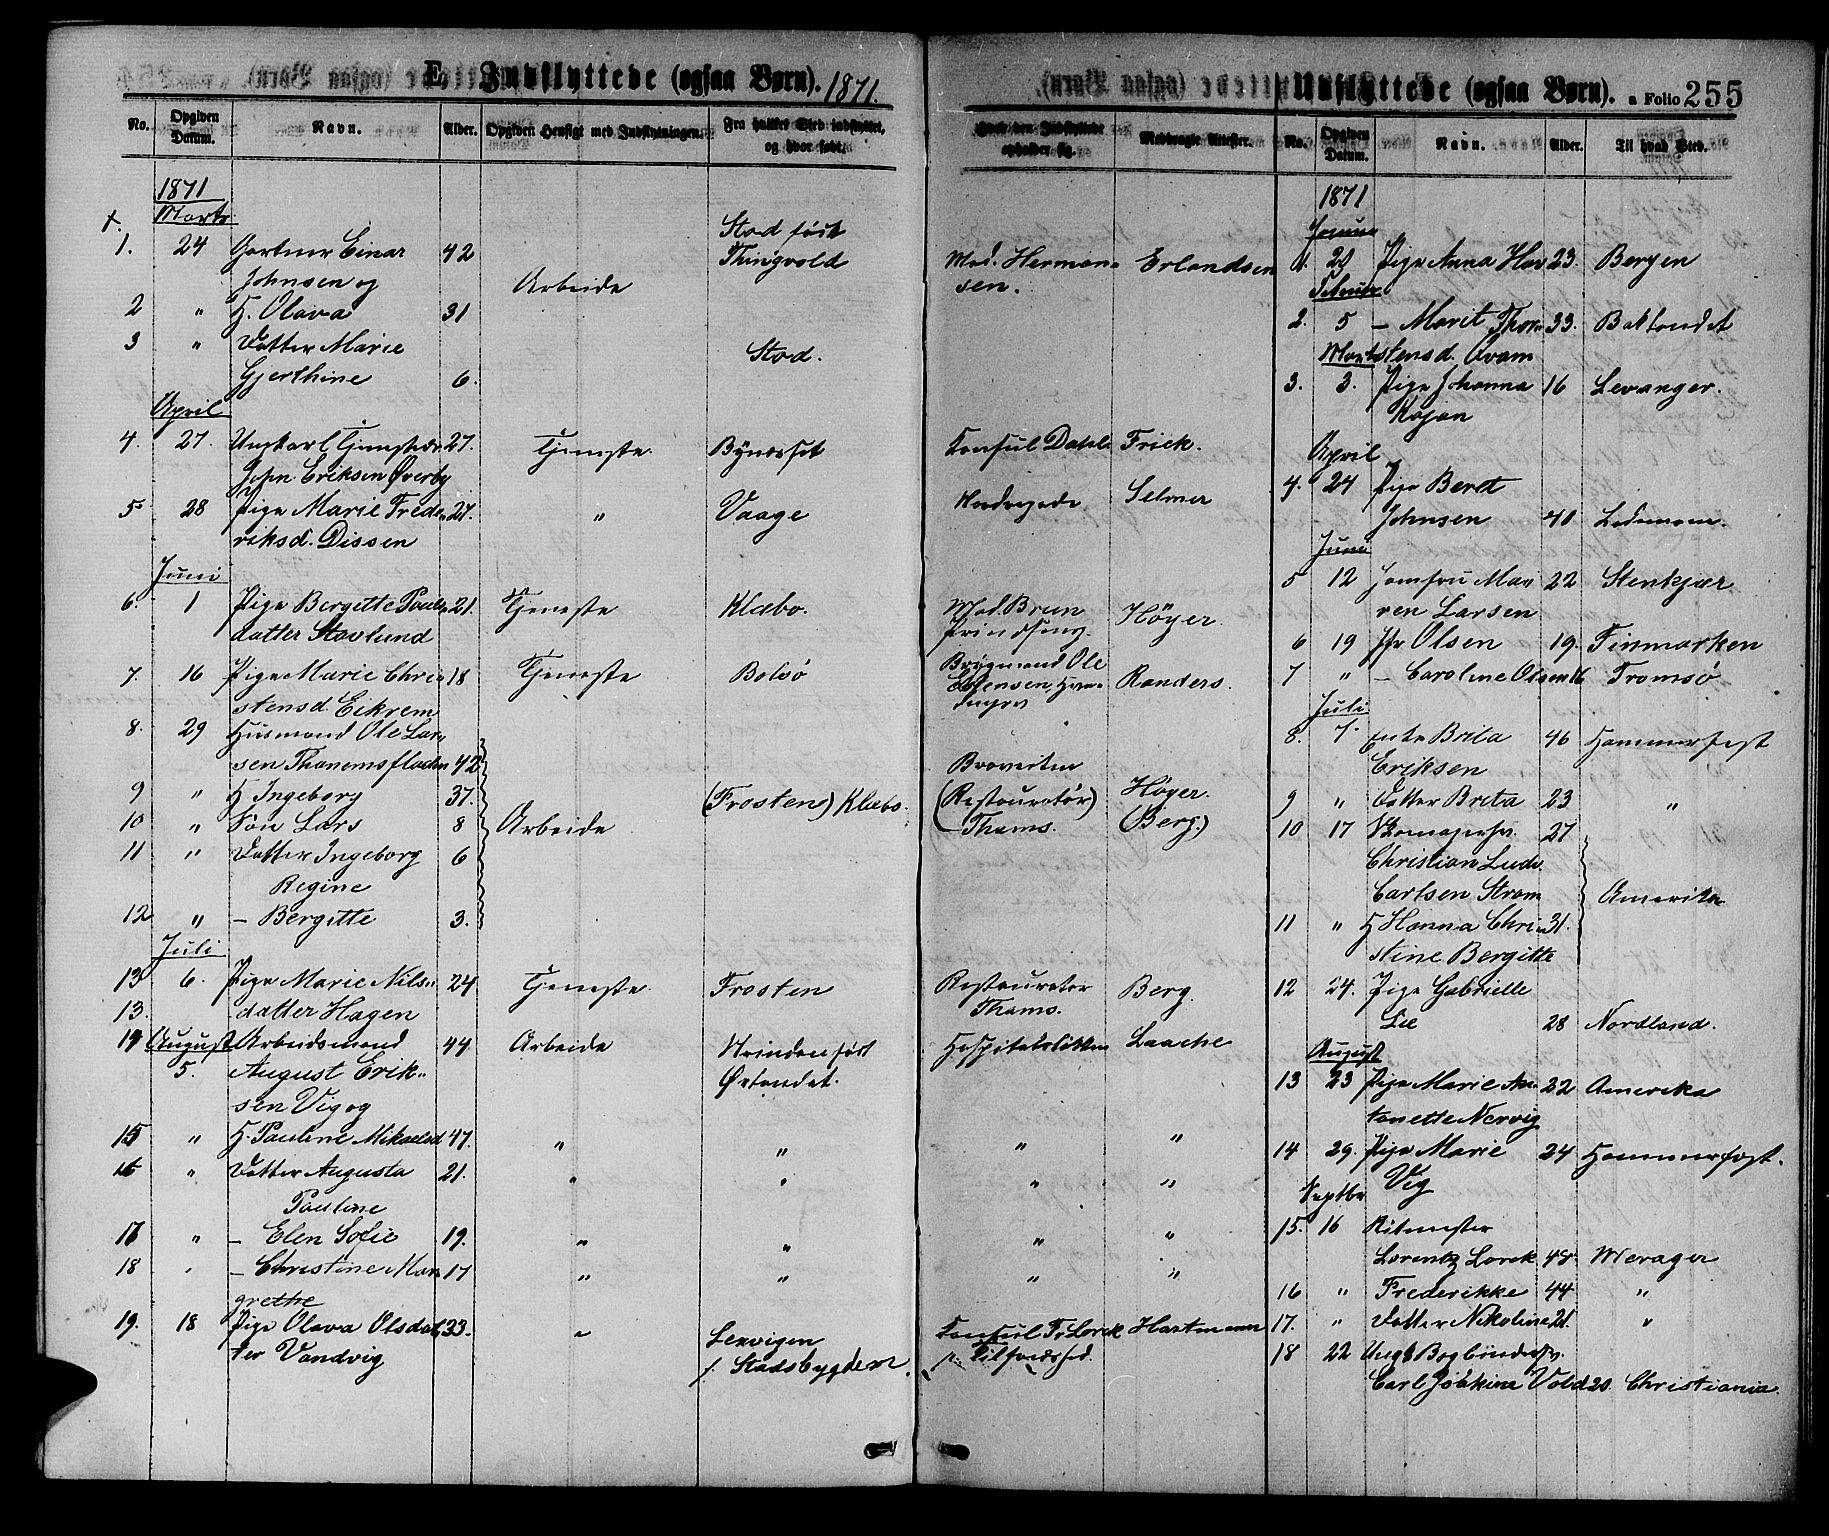 SAT, Ministerialprotokoller, klokkerbøker og fødselsregistre - Sør-Trøndelag, 601/L0088: Klokkerbok nr. 601C06, 1870-1878, s. 255